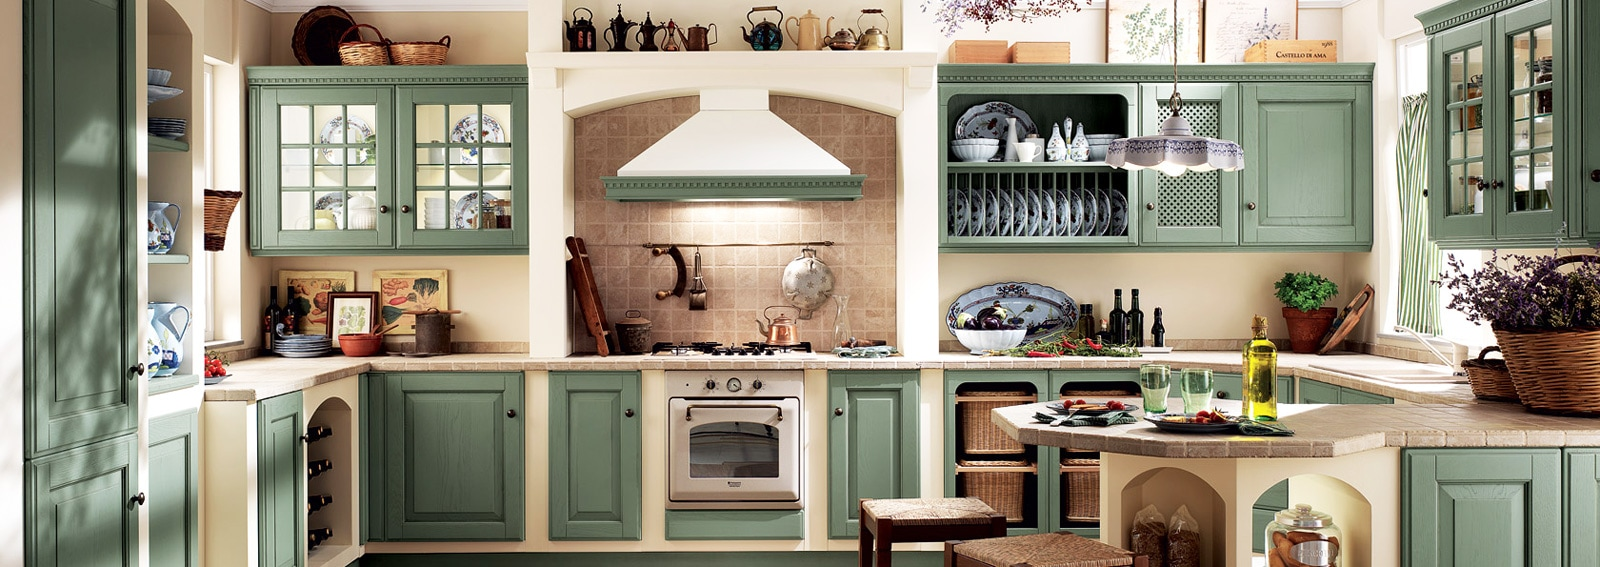 cucine in muratura: classiche, rustiche e country - grazia.it - Cucine Country In Muratura